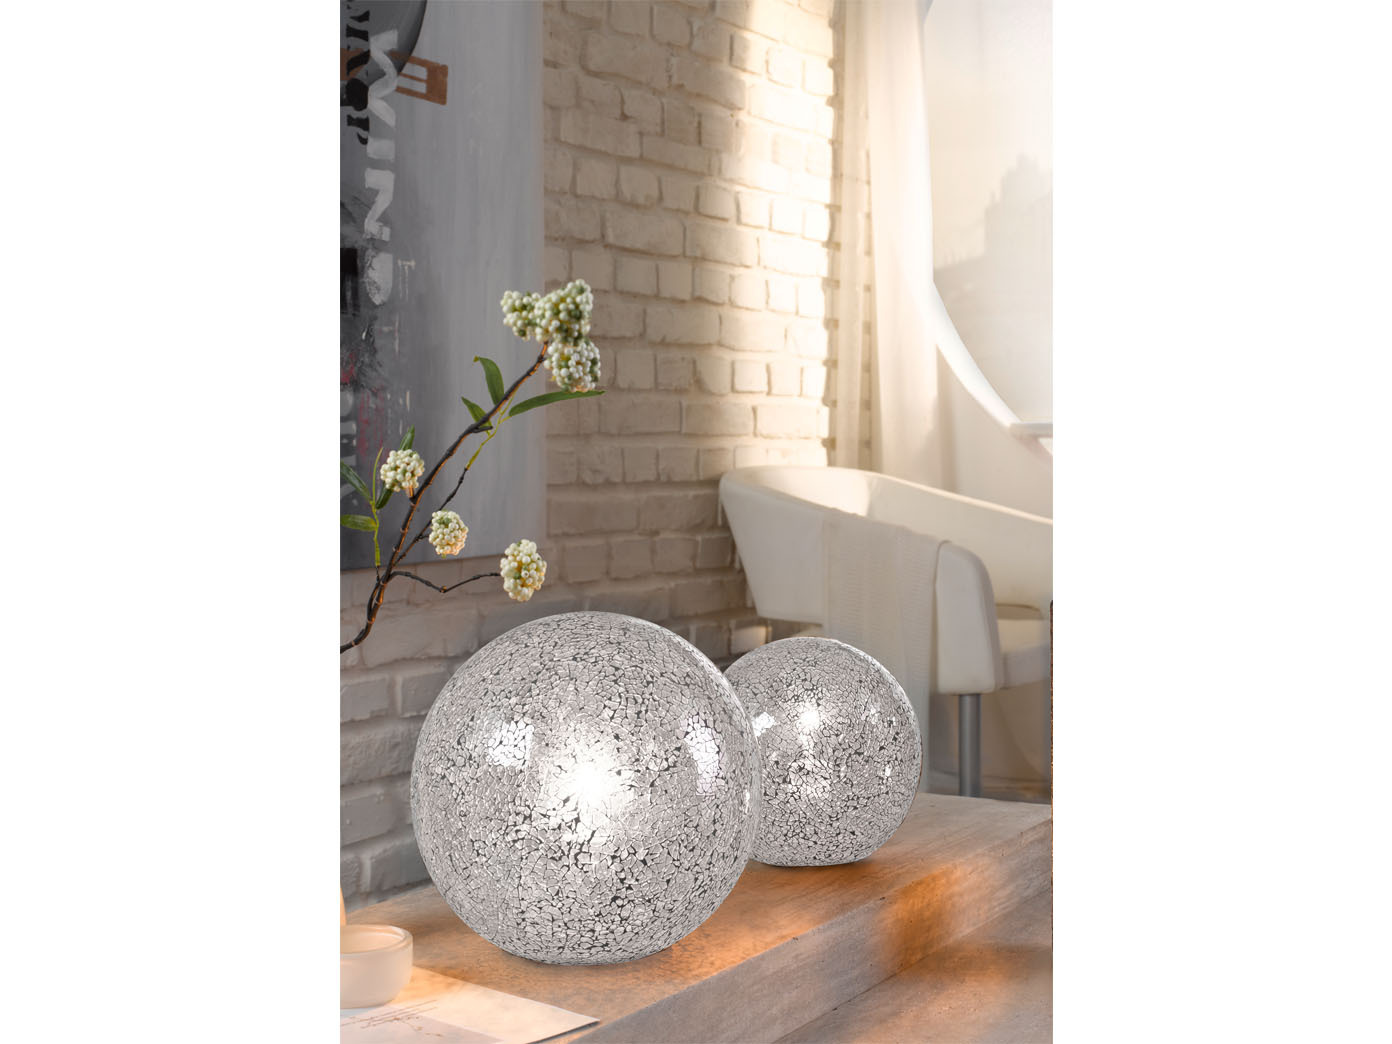 Kugel-Tischleuchte-Tischlampe-25cm-Glas-weiss-Wohnzimmerlampe-Honsel-Leuchten